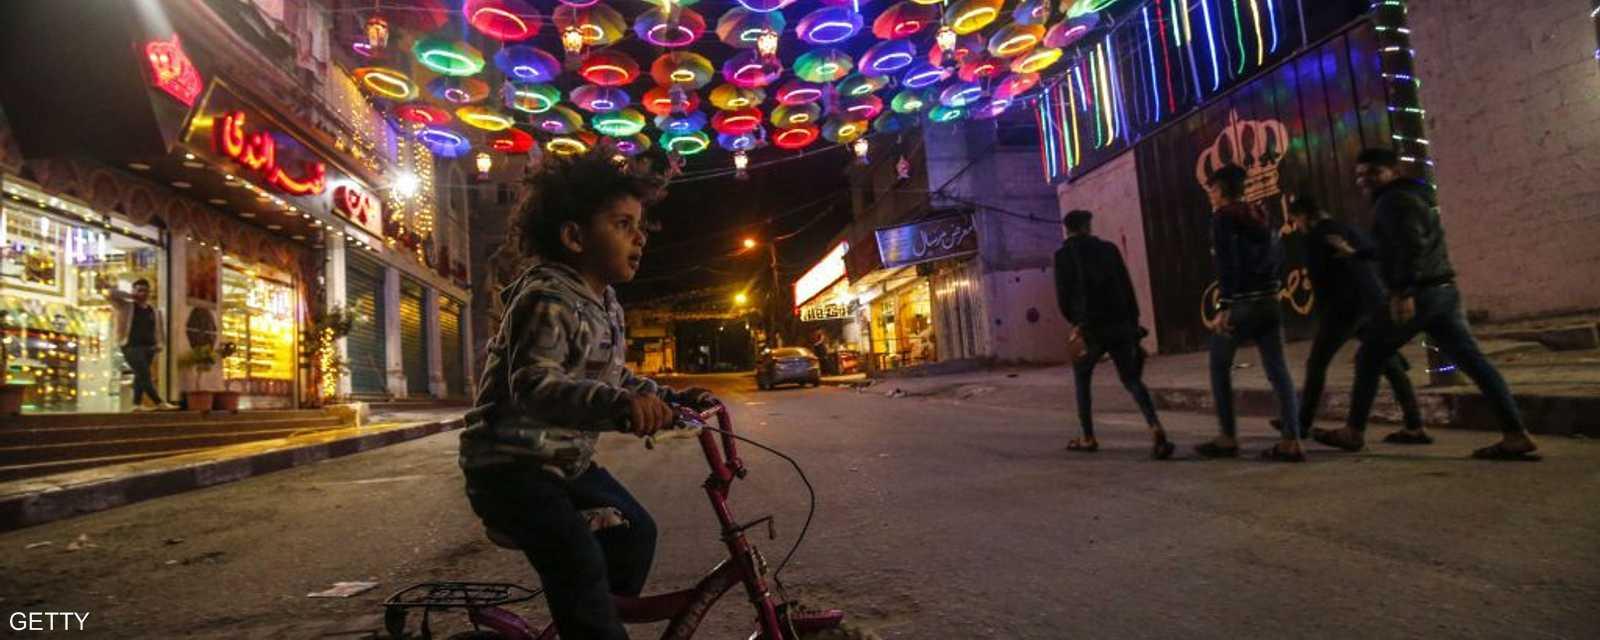 طفل فلسطيني في شوارع غزة في أول أيام رمضان.